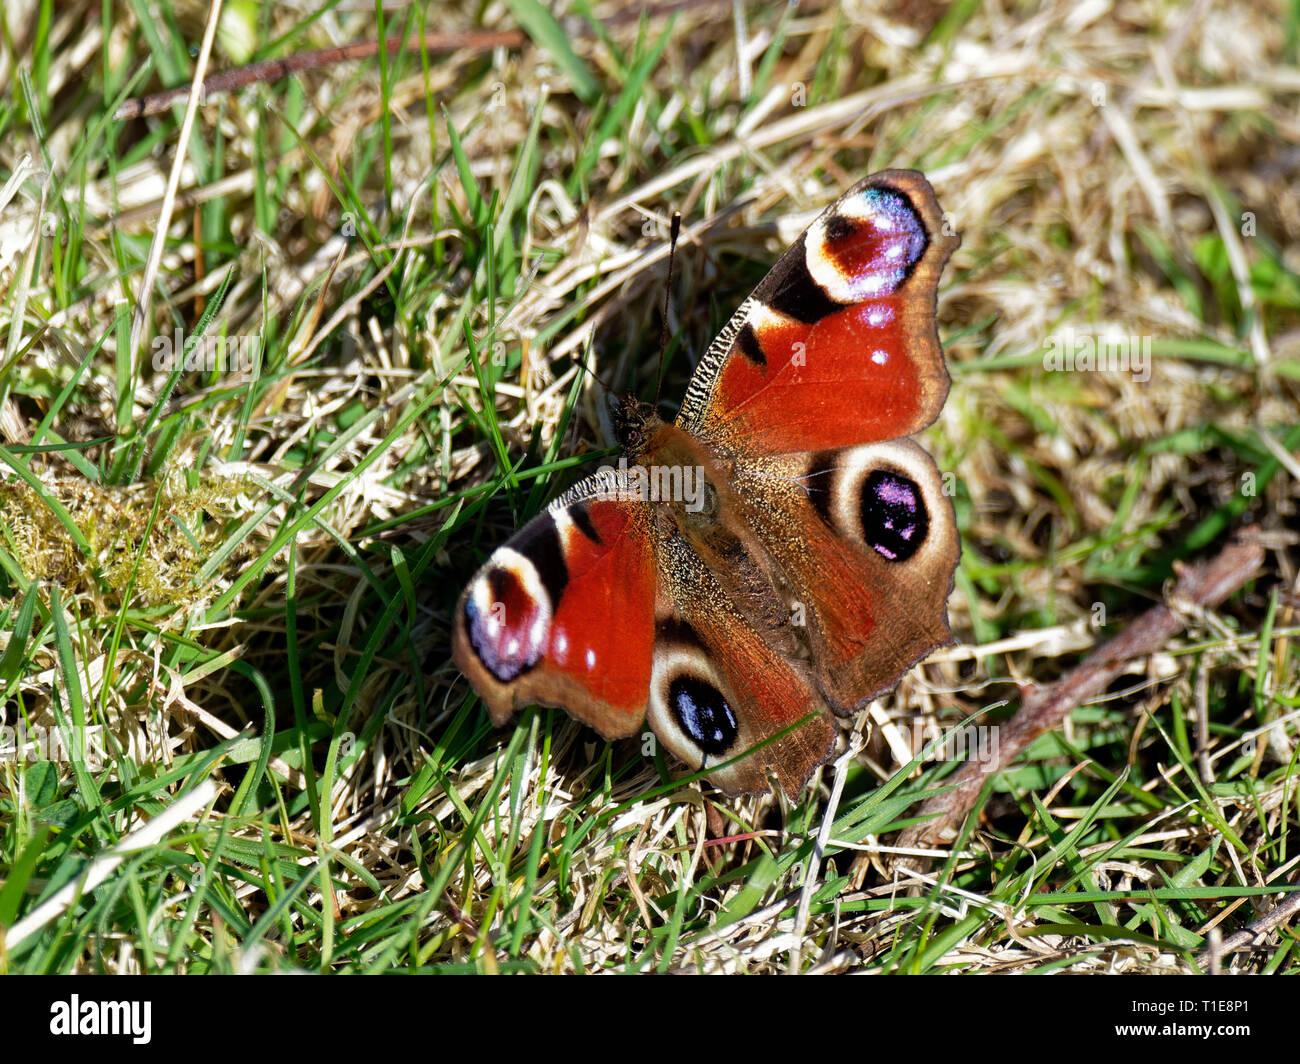 Peacock Butterflies, UK - Stock Image